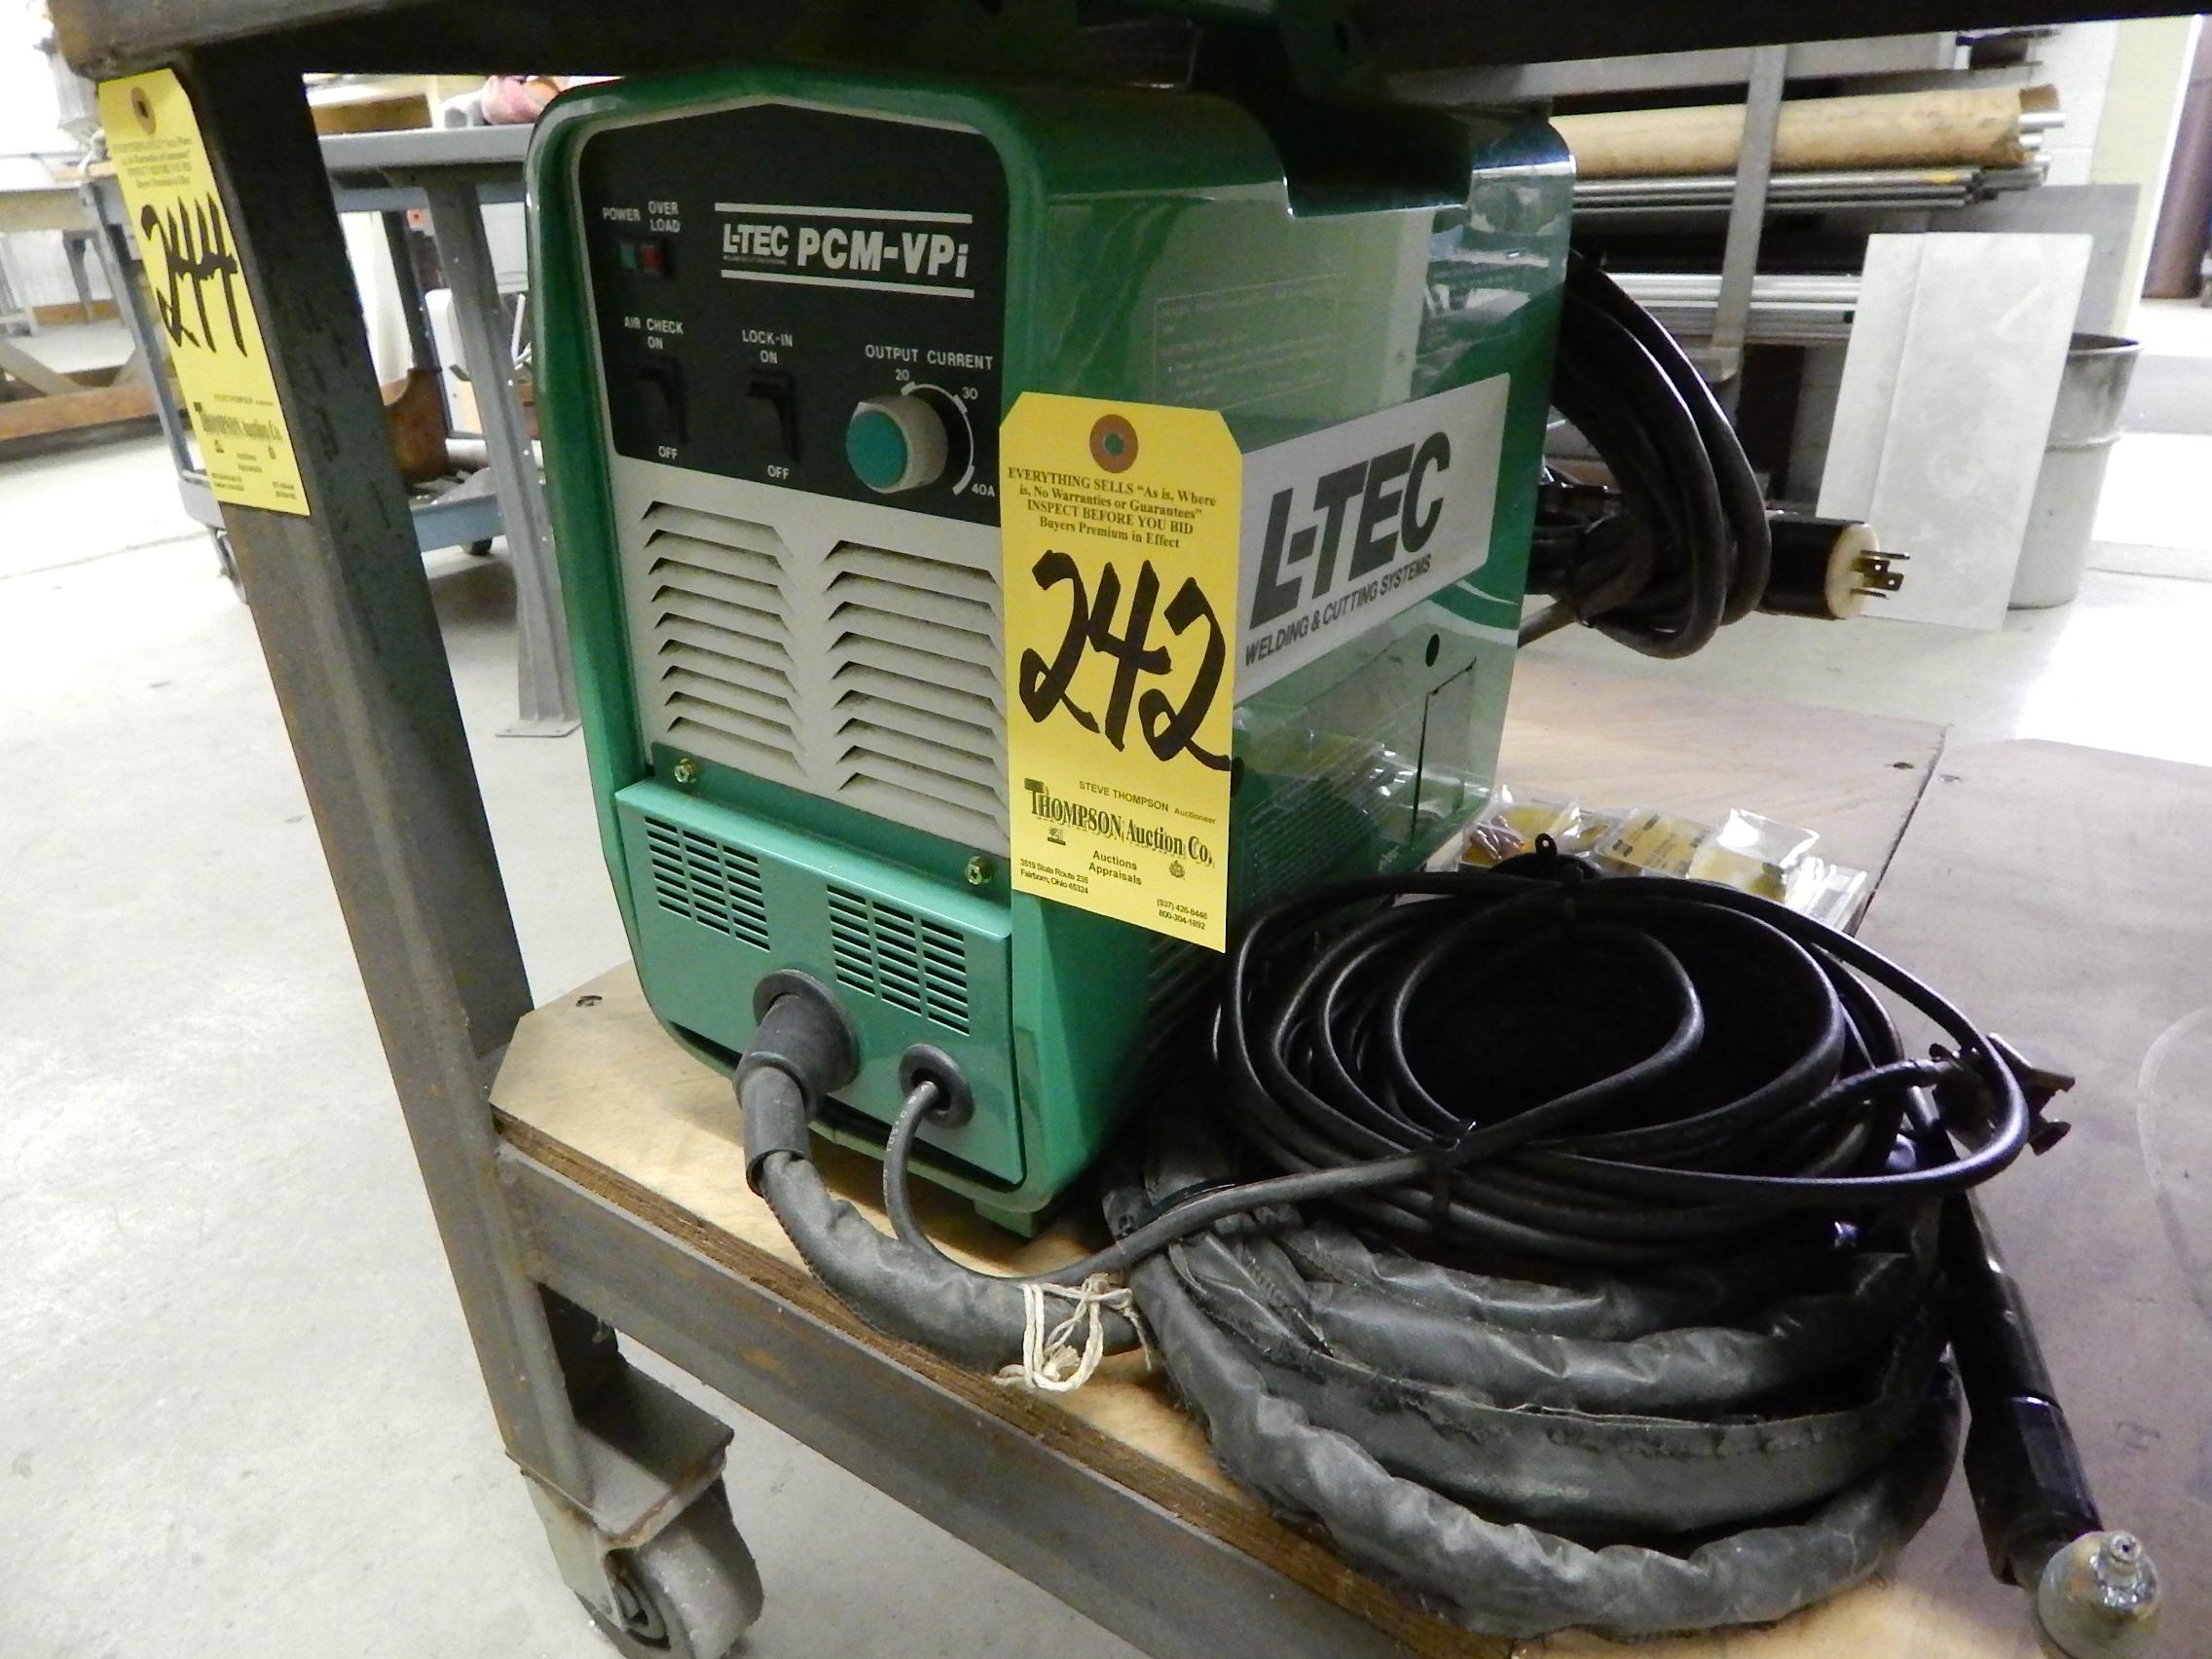 Lot 242 - L-TEC PCM-Vpi Plasma Cutting System ...